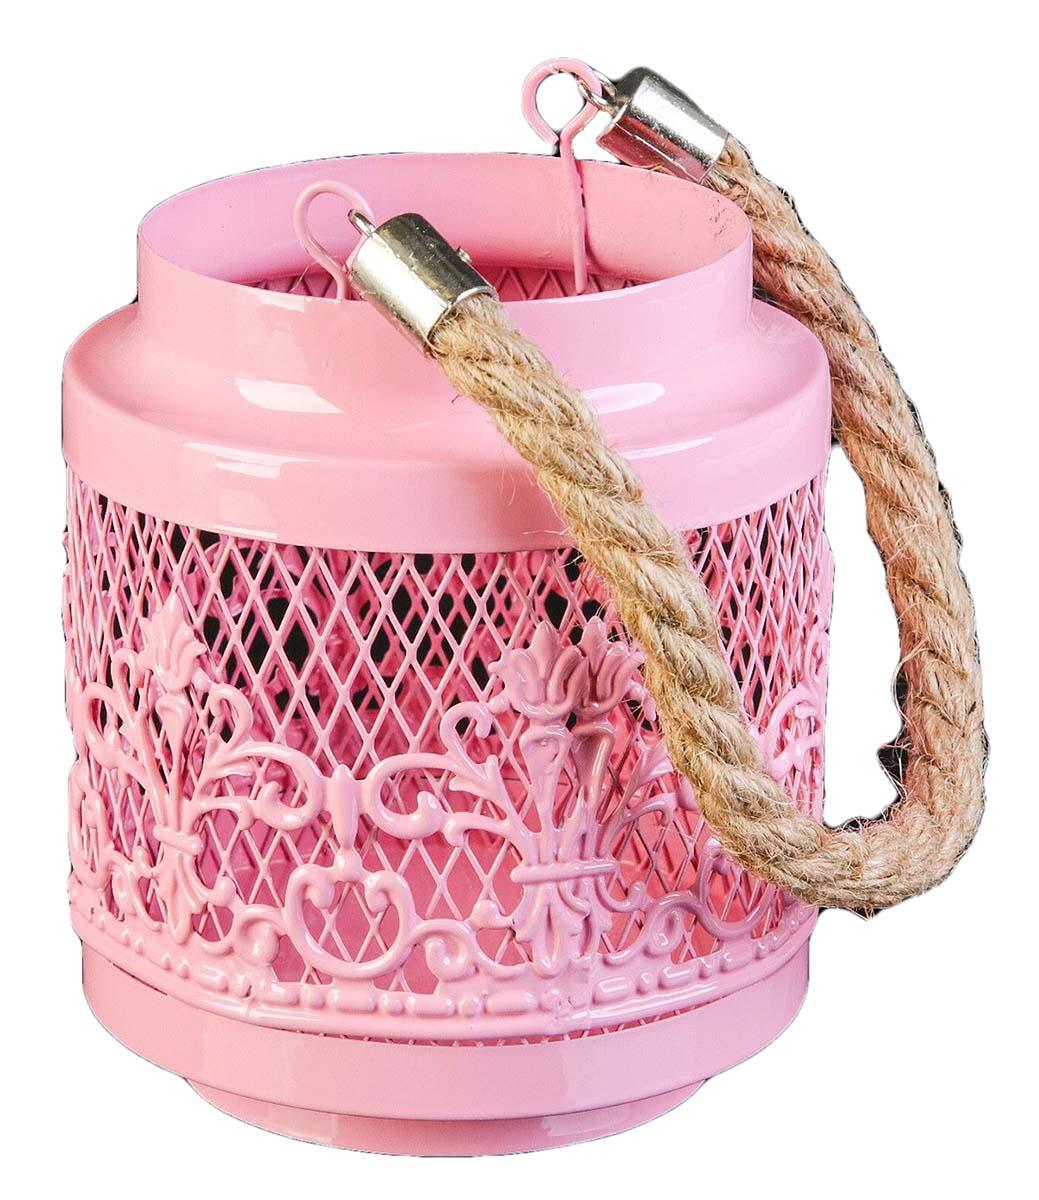 Подсвечник Банка с орнаментом, цвет: розовый, 11 х 11 х 13 см2490251Невозможно представить нашу жизнь без праздников! Мы всегда ждем их и предвкушаем, обдумываем, как проведем памятный день, тщательно выбираем подарки и аксессуары, ведь именно они создают и поддерживают торжественный настрой. — это отличный выбор, который привнесет атмосферу праздника в ваш дом!Известно, что на пламя можно смотреть вечно: его мягкое золотистое сияние проясняет сознание и чарует. Огонь свечи притягивает наше внимание еще больше. Он делает атмосферу загадочной и романтичной.